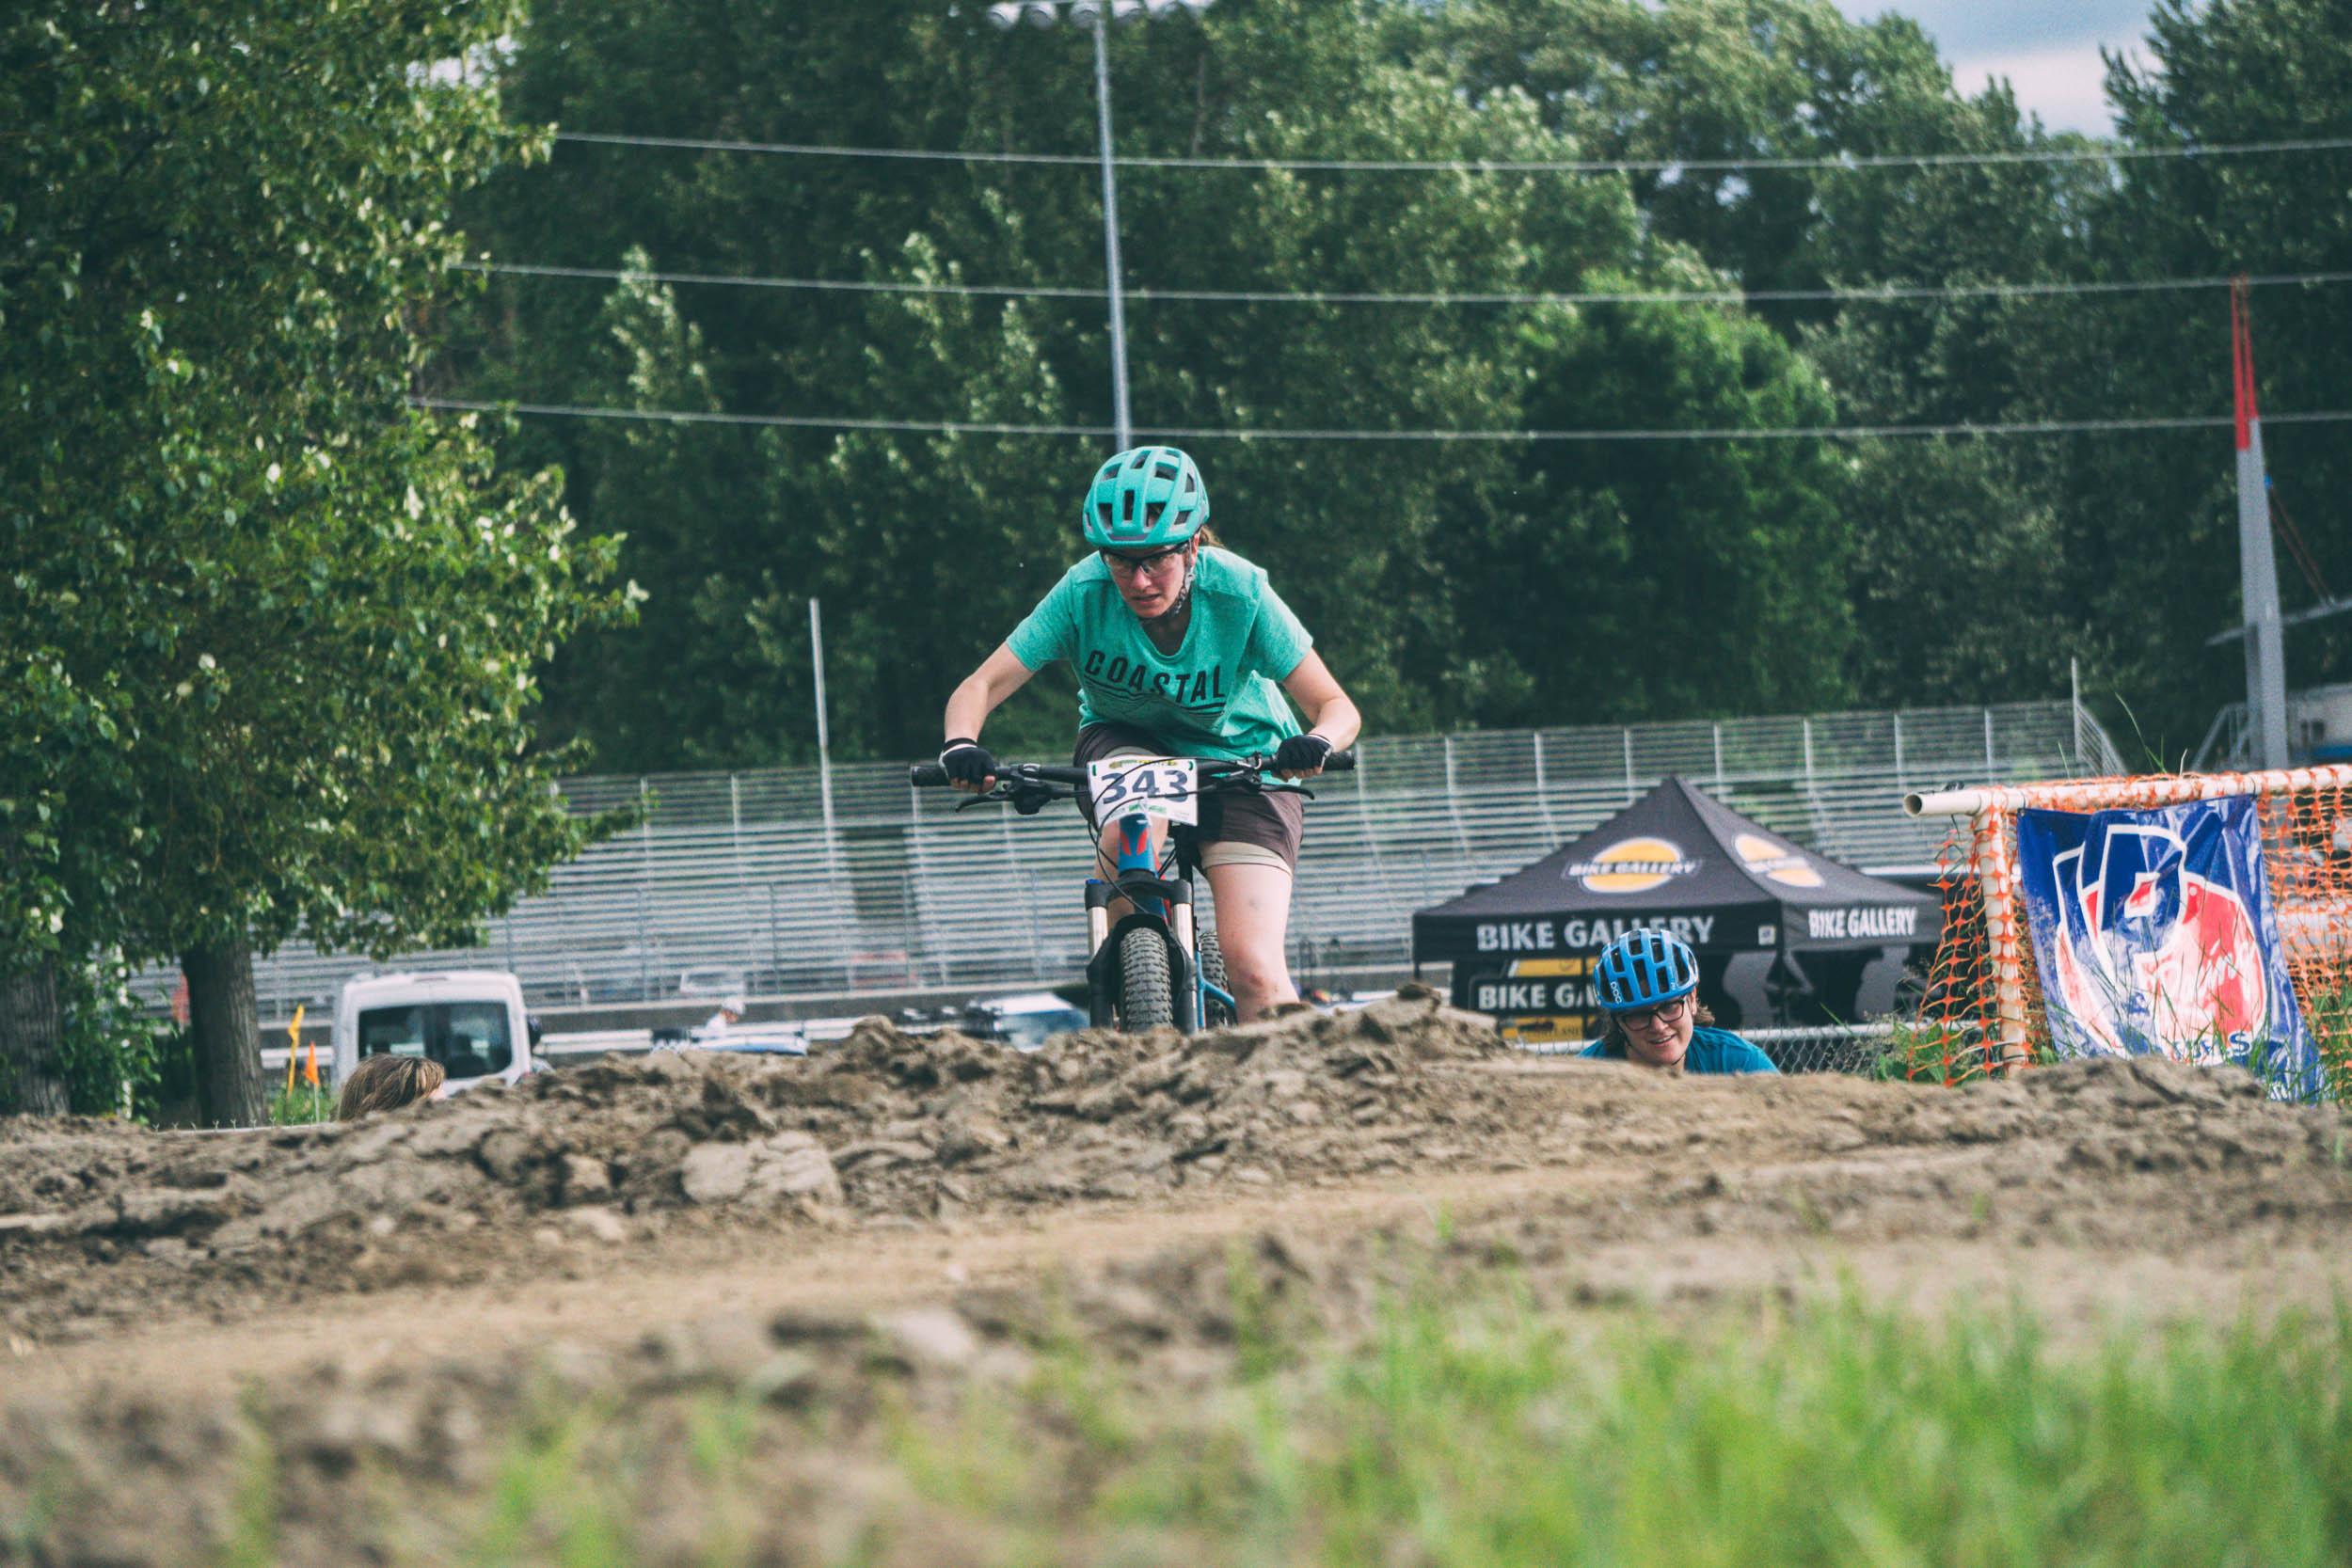 Short_Track_Race3_9.jpg